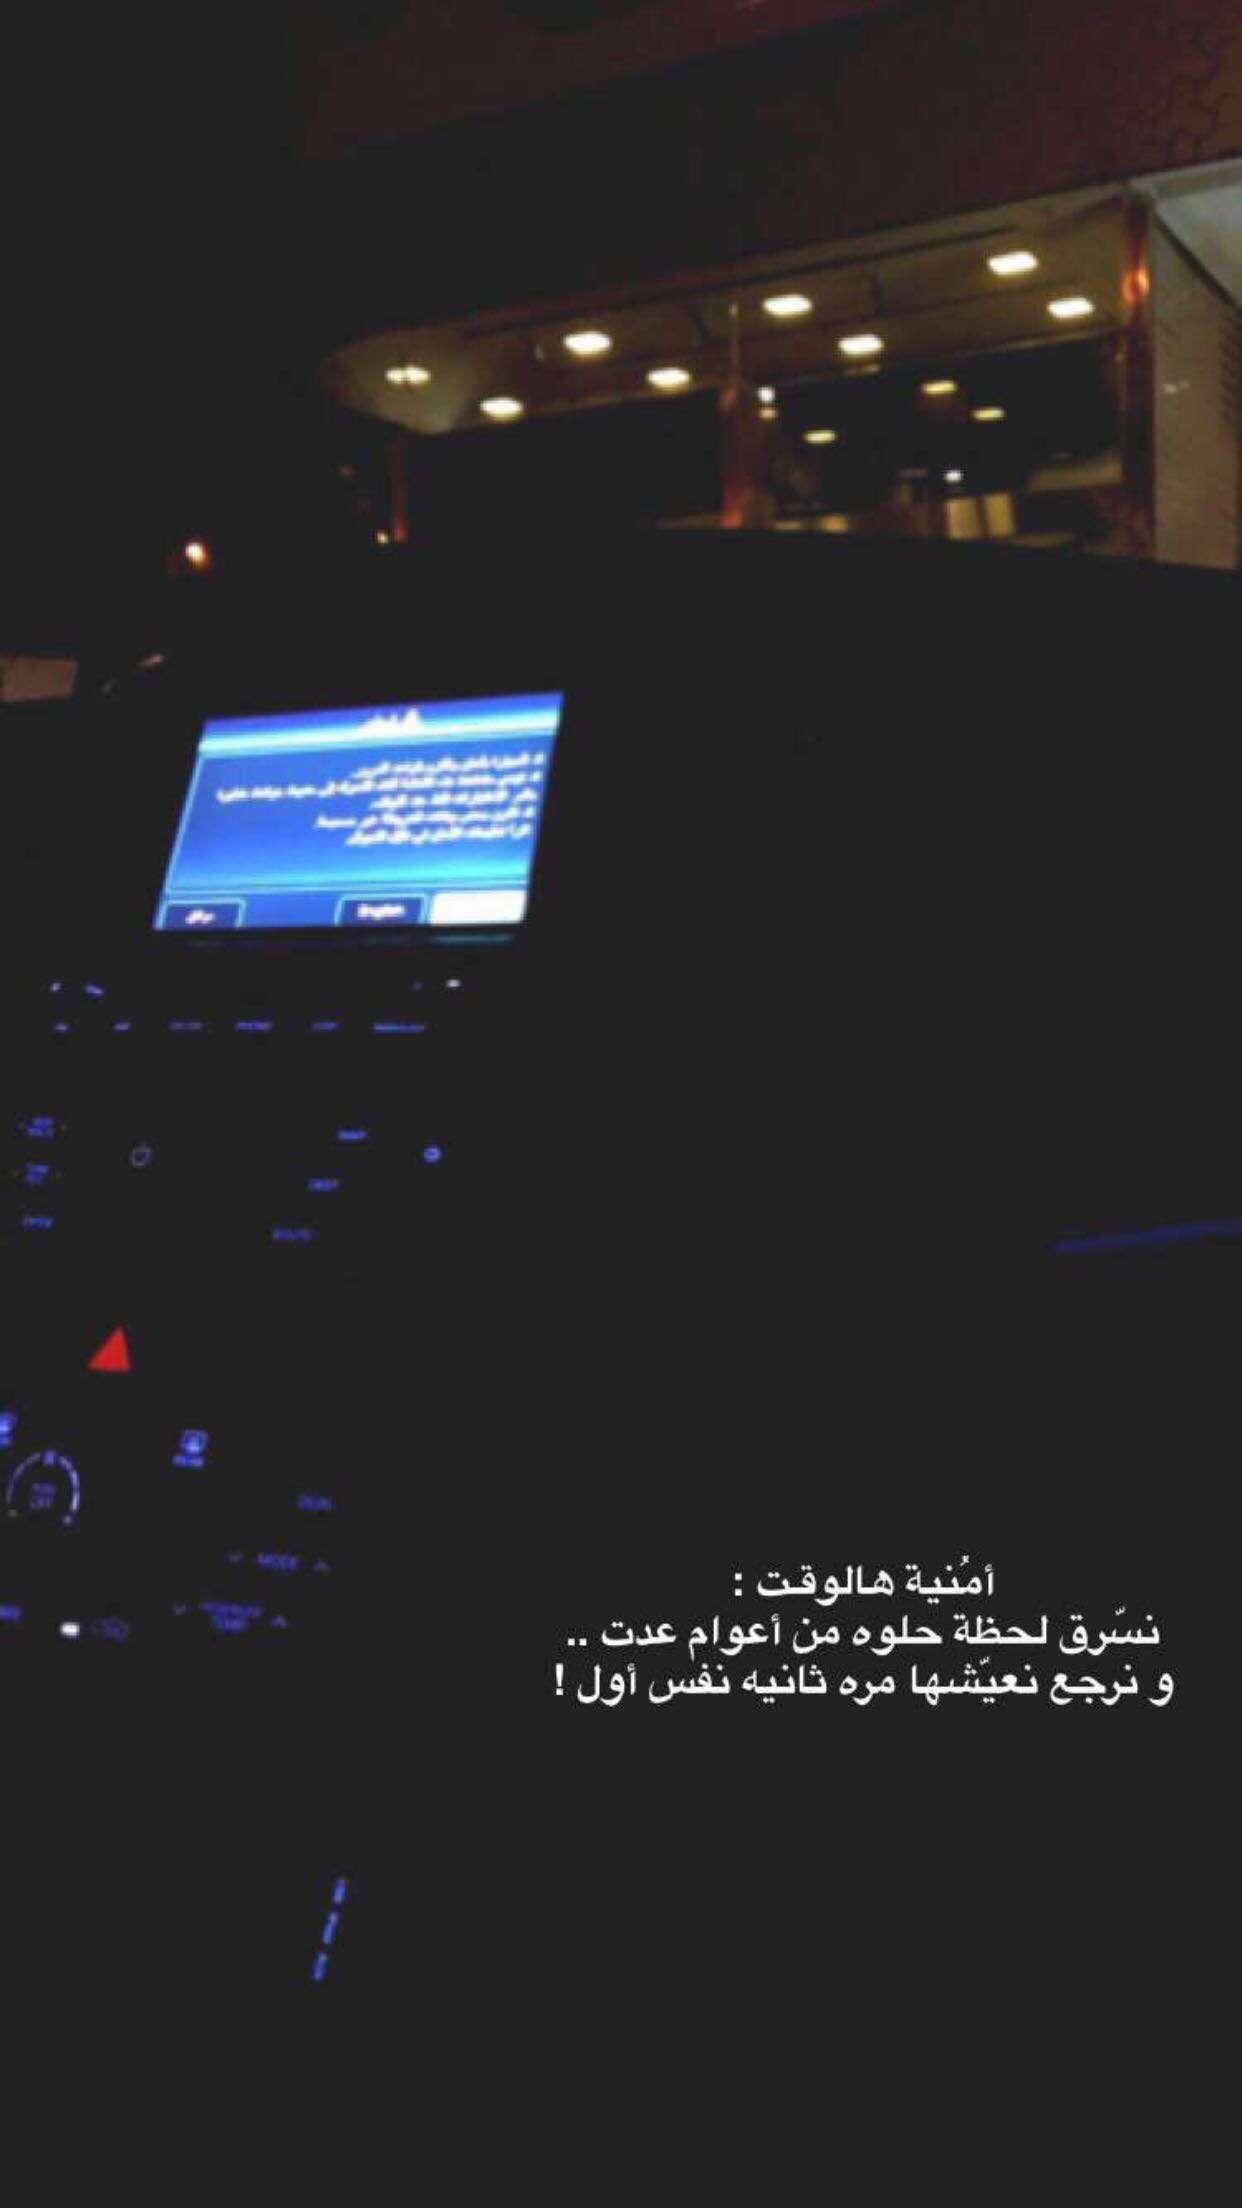 عبارات Cover Photo Quotes Funny Arabic Quotes Beautiful Arabic Words